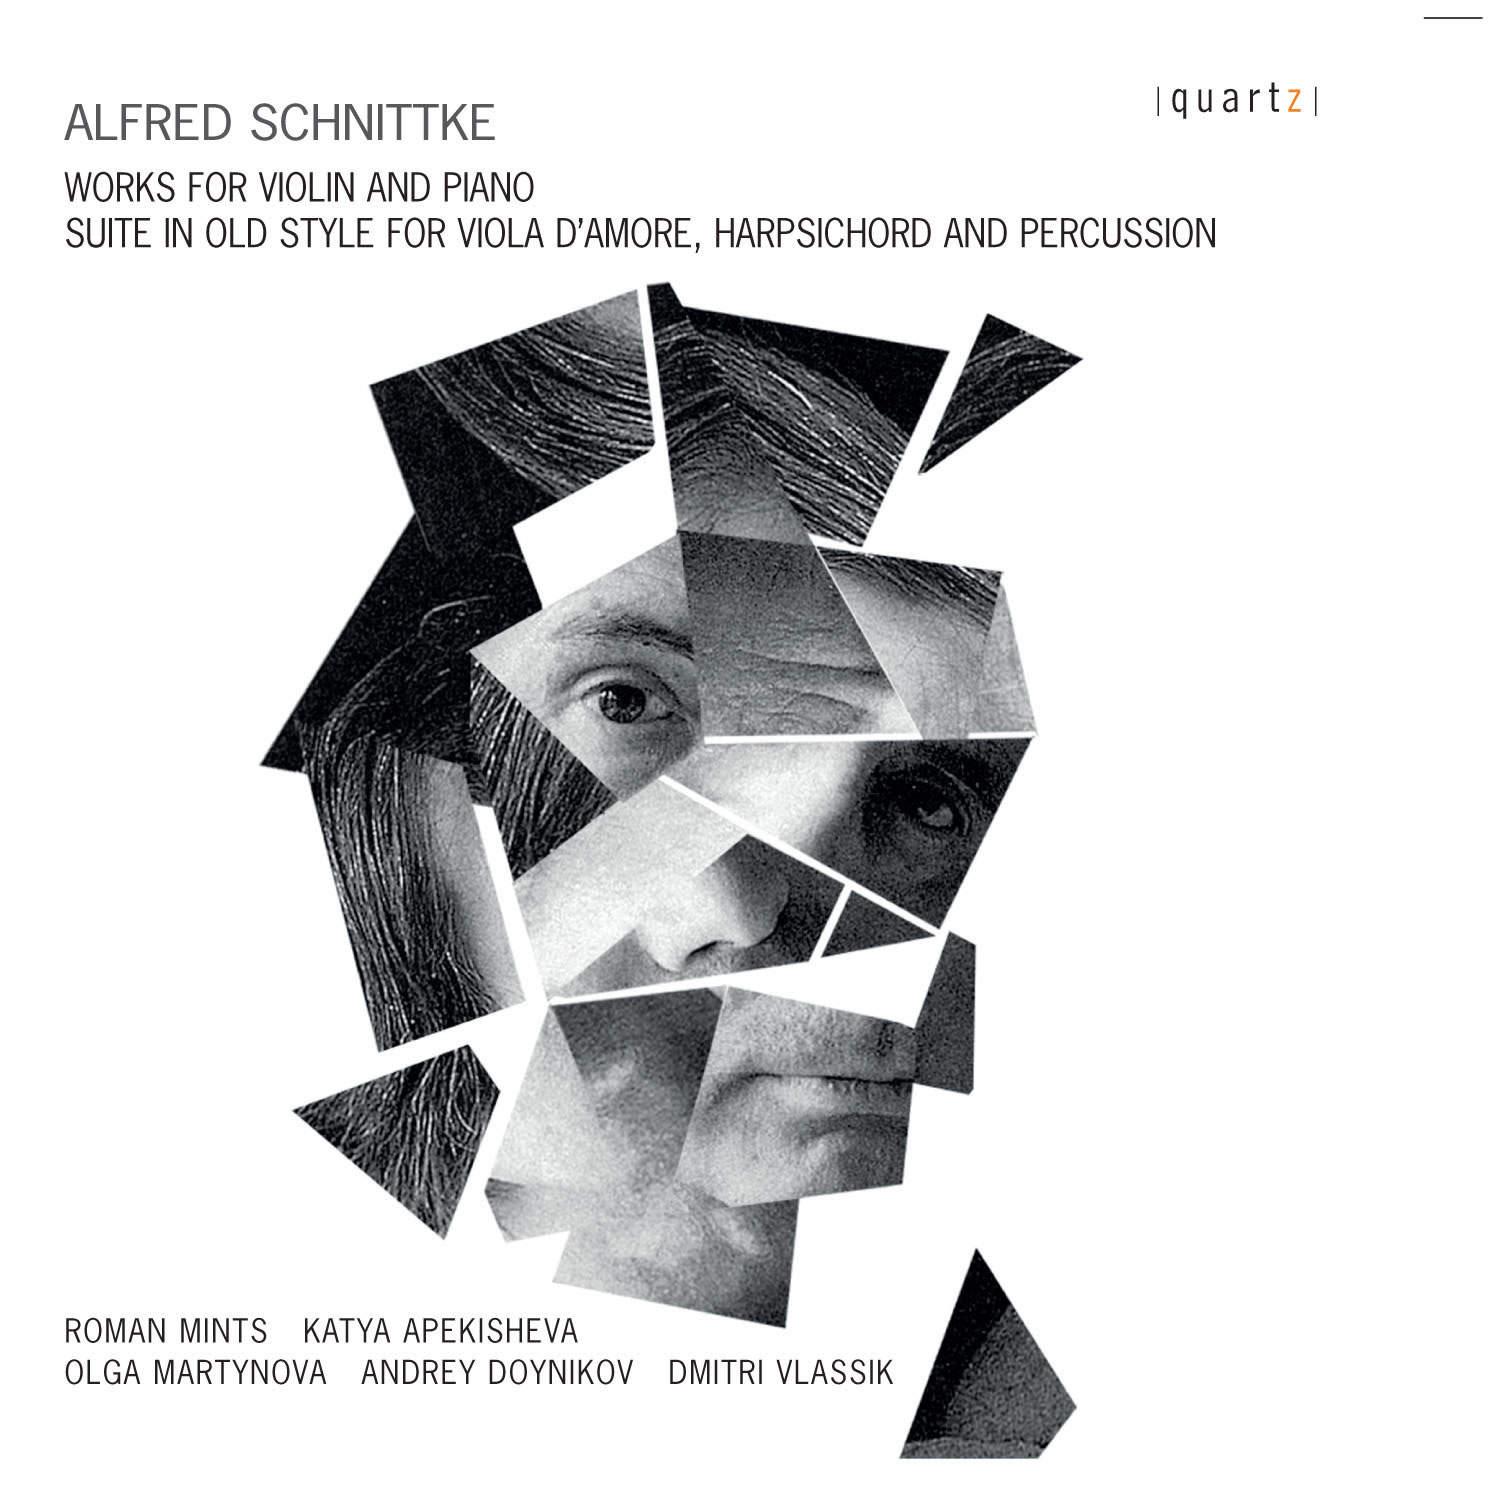 Roman Mints (violin) & Katya Apekisheva (piano)